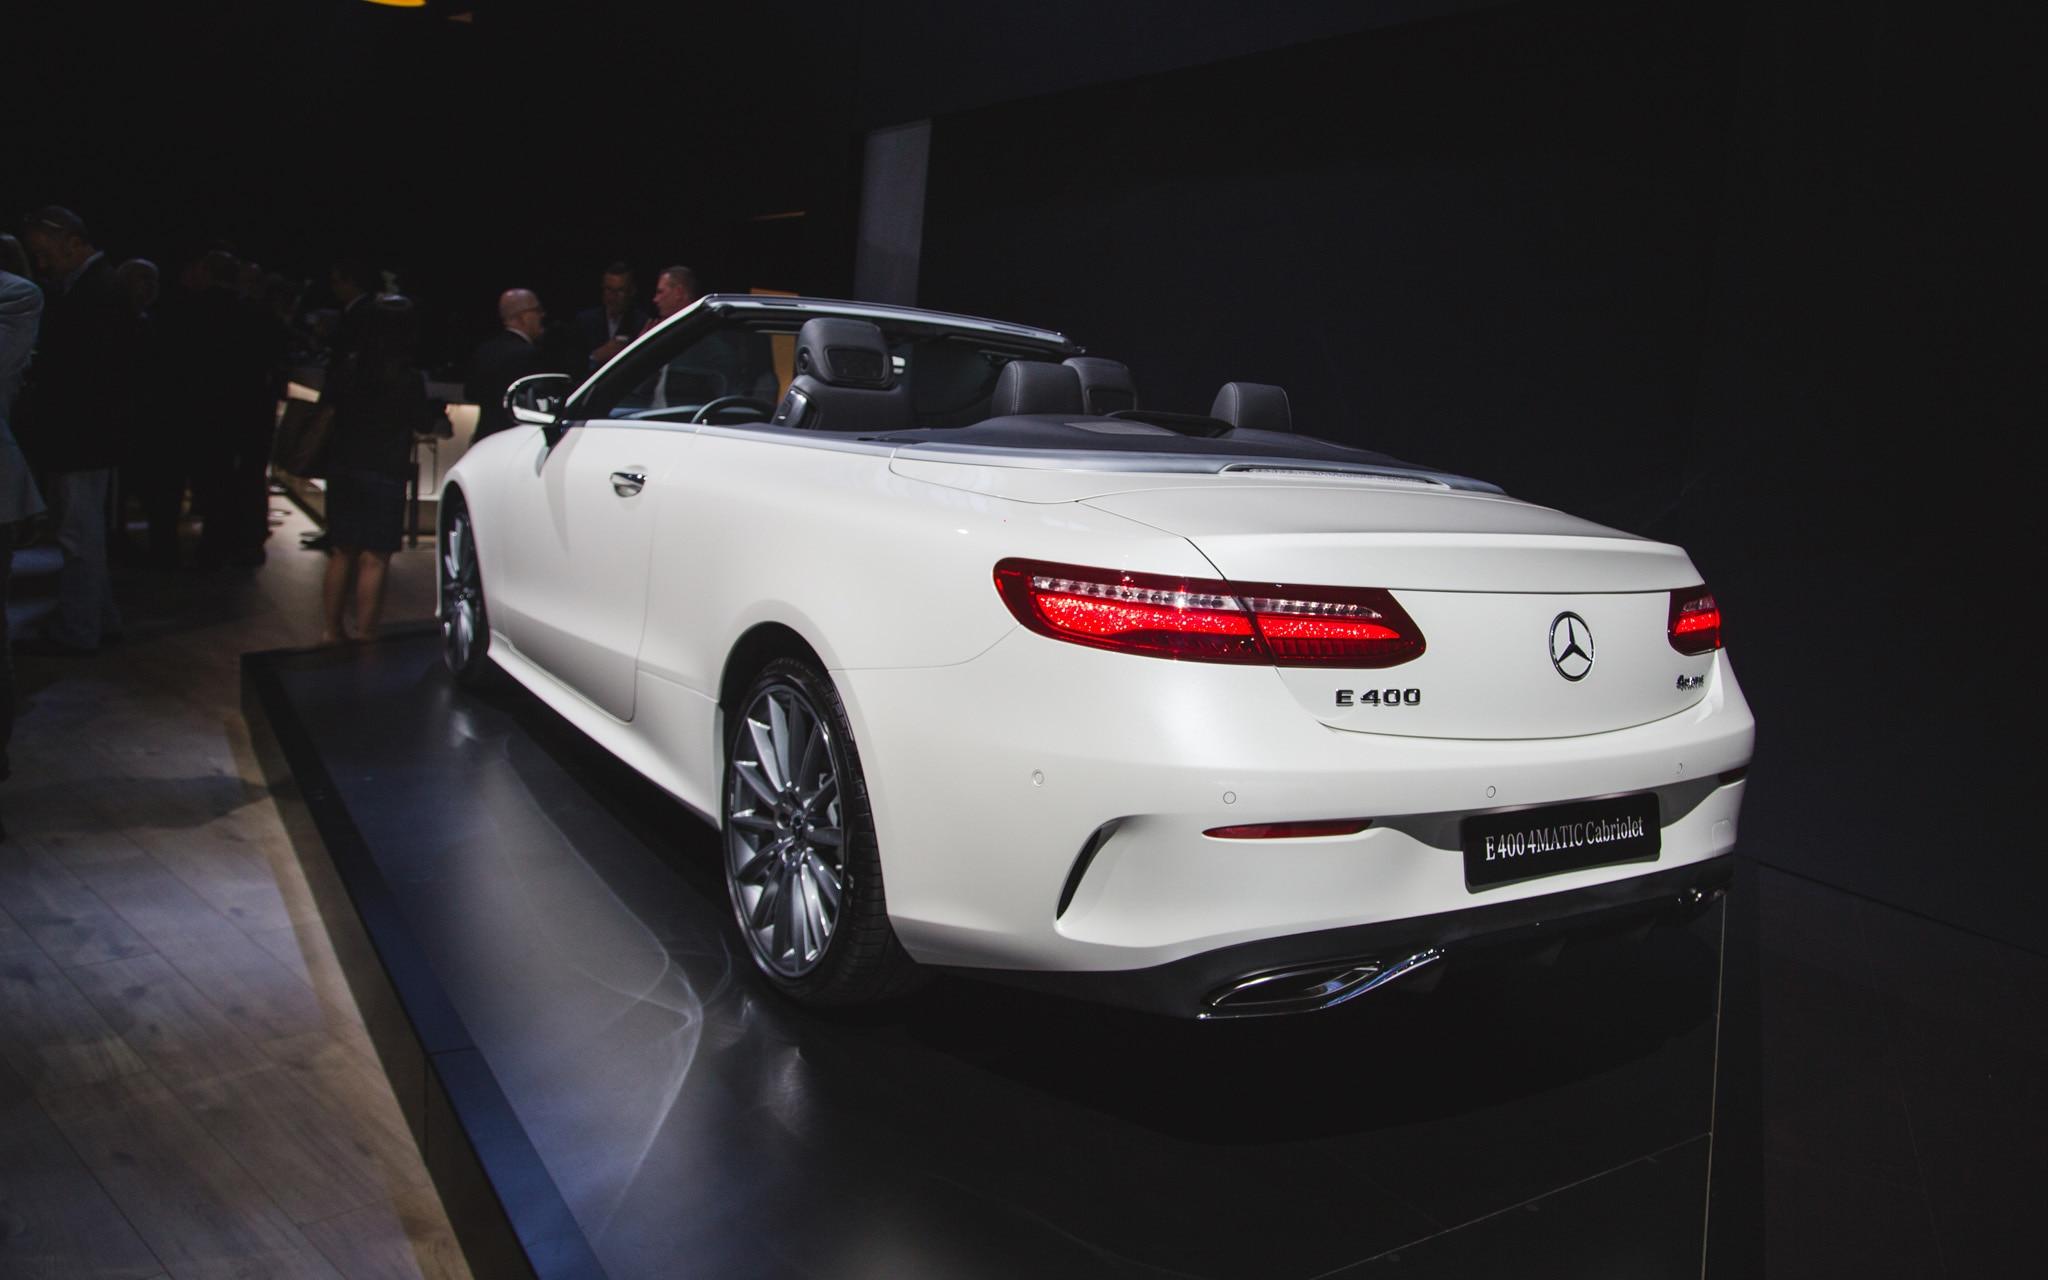 2018 mercedes benz e class cabriolet makes its u s debut for Mercedes benz e class e350 cabriolet